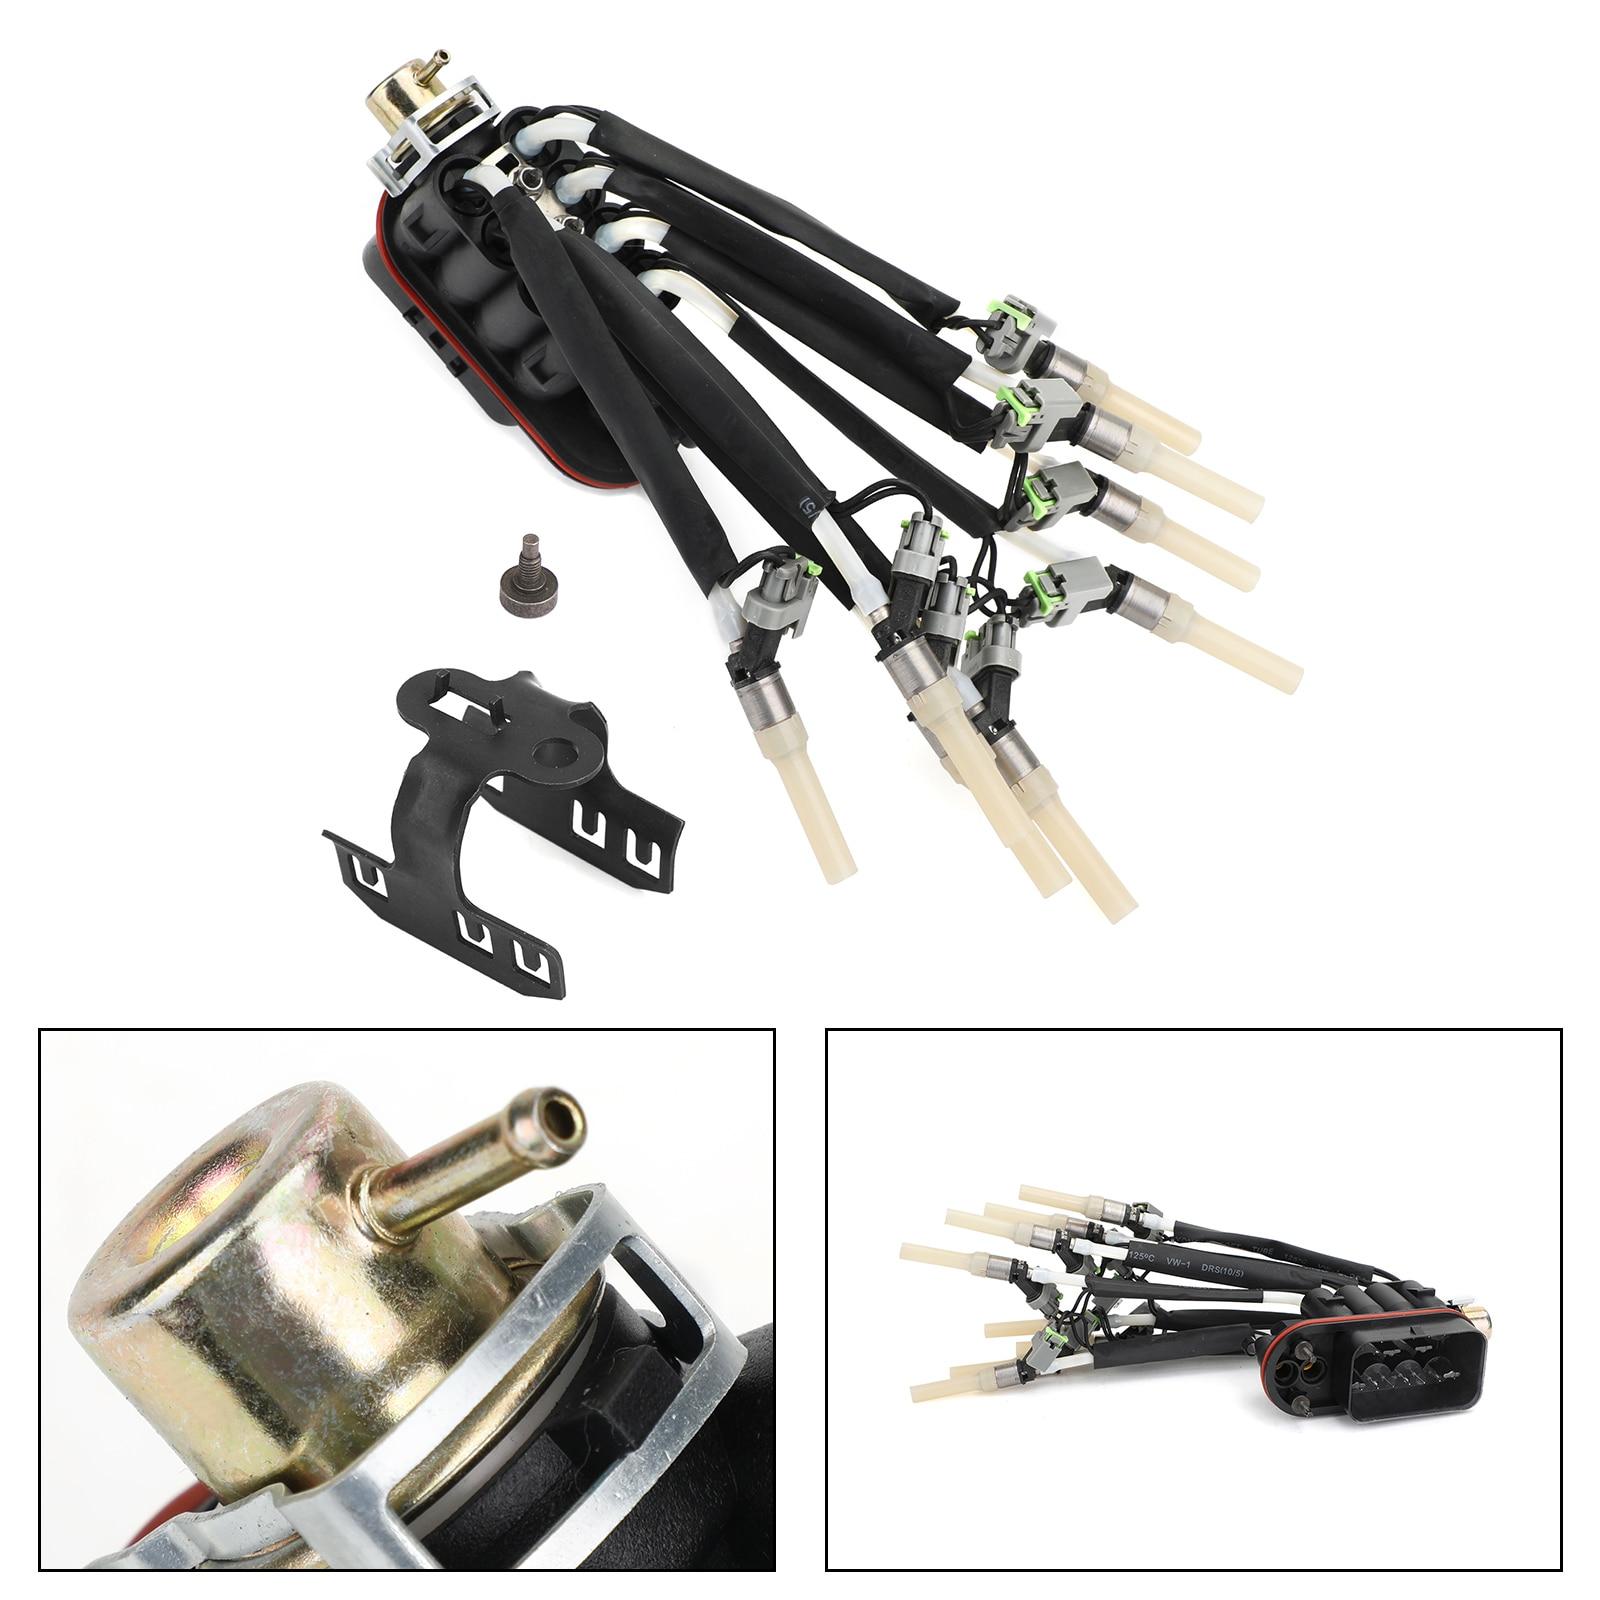 Areyourshpp новый топливный паук инжектор с кронштейном FJ504 Chevy Пикап V8 5.0L 5.7L 89060440 FJ10566 автомобильные аксессуары